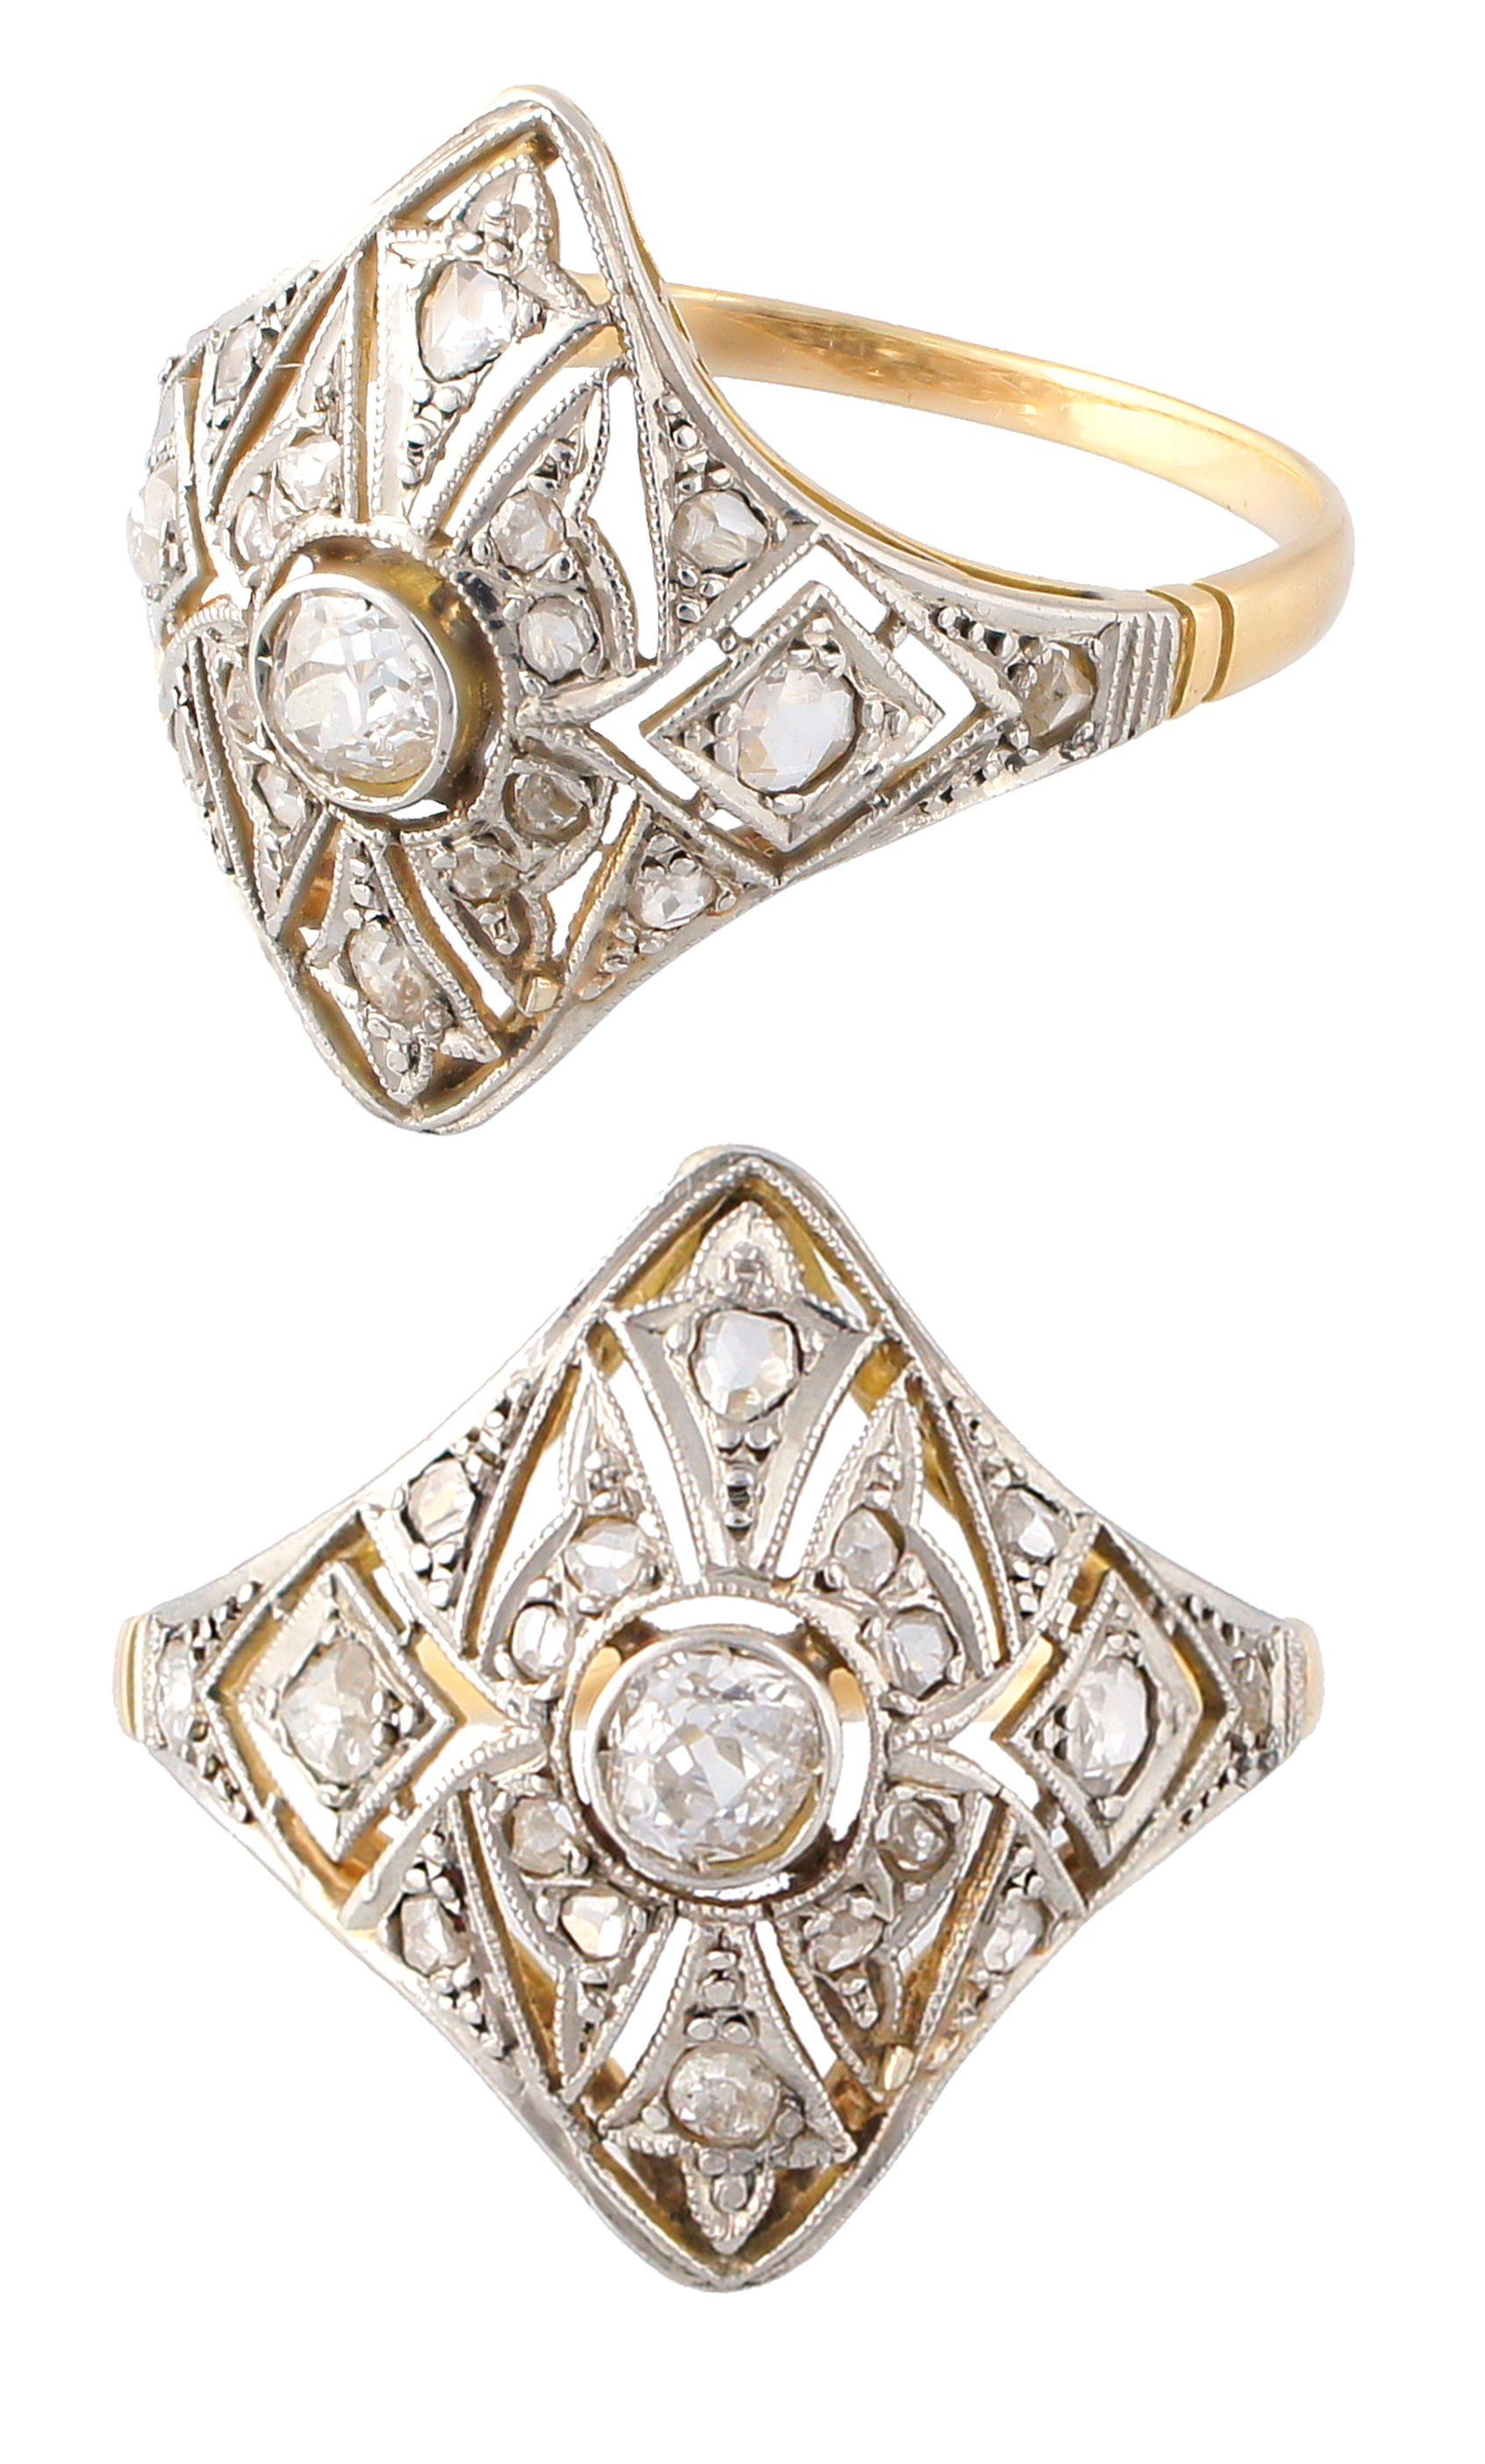 9b4f04859e38 Anillo Art Deco de oro con vistas de platino